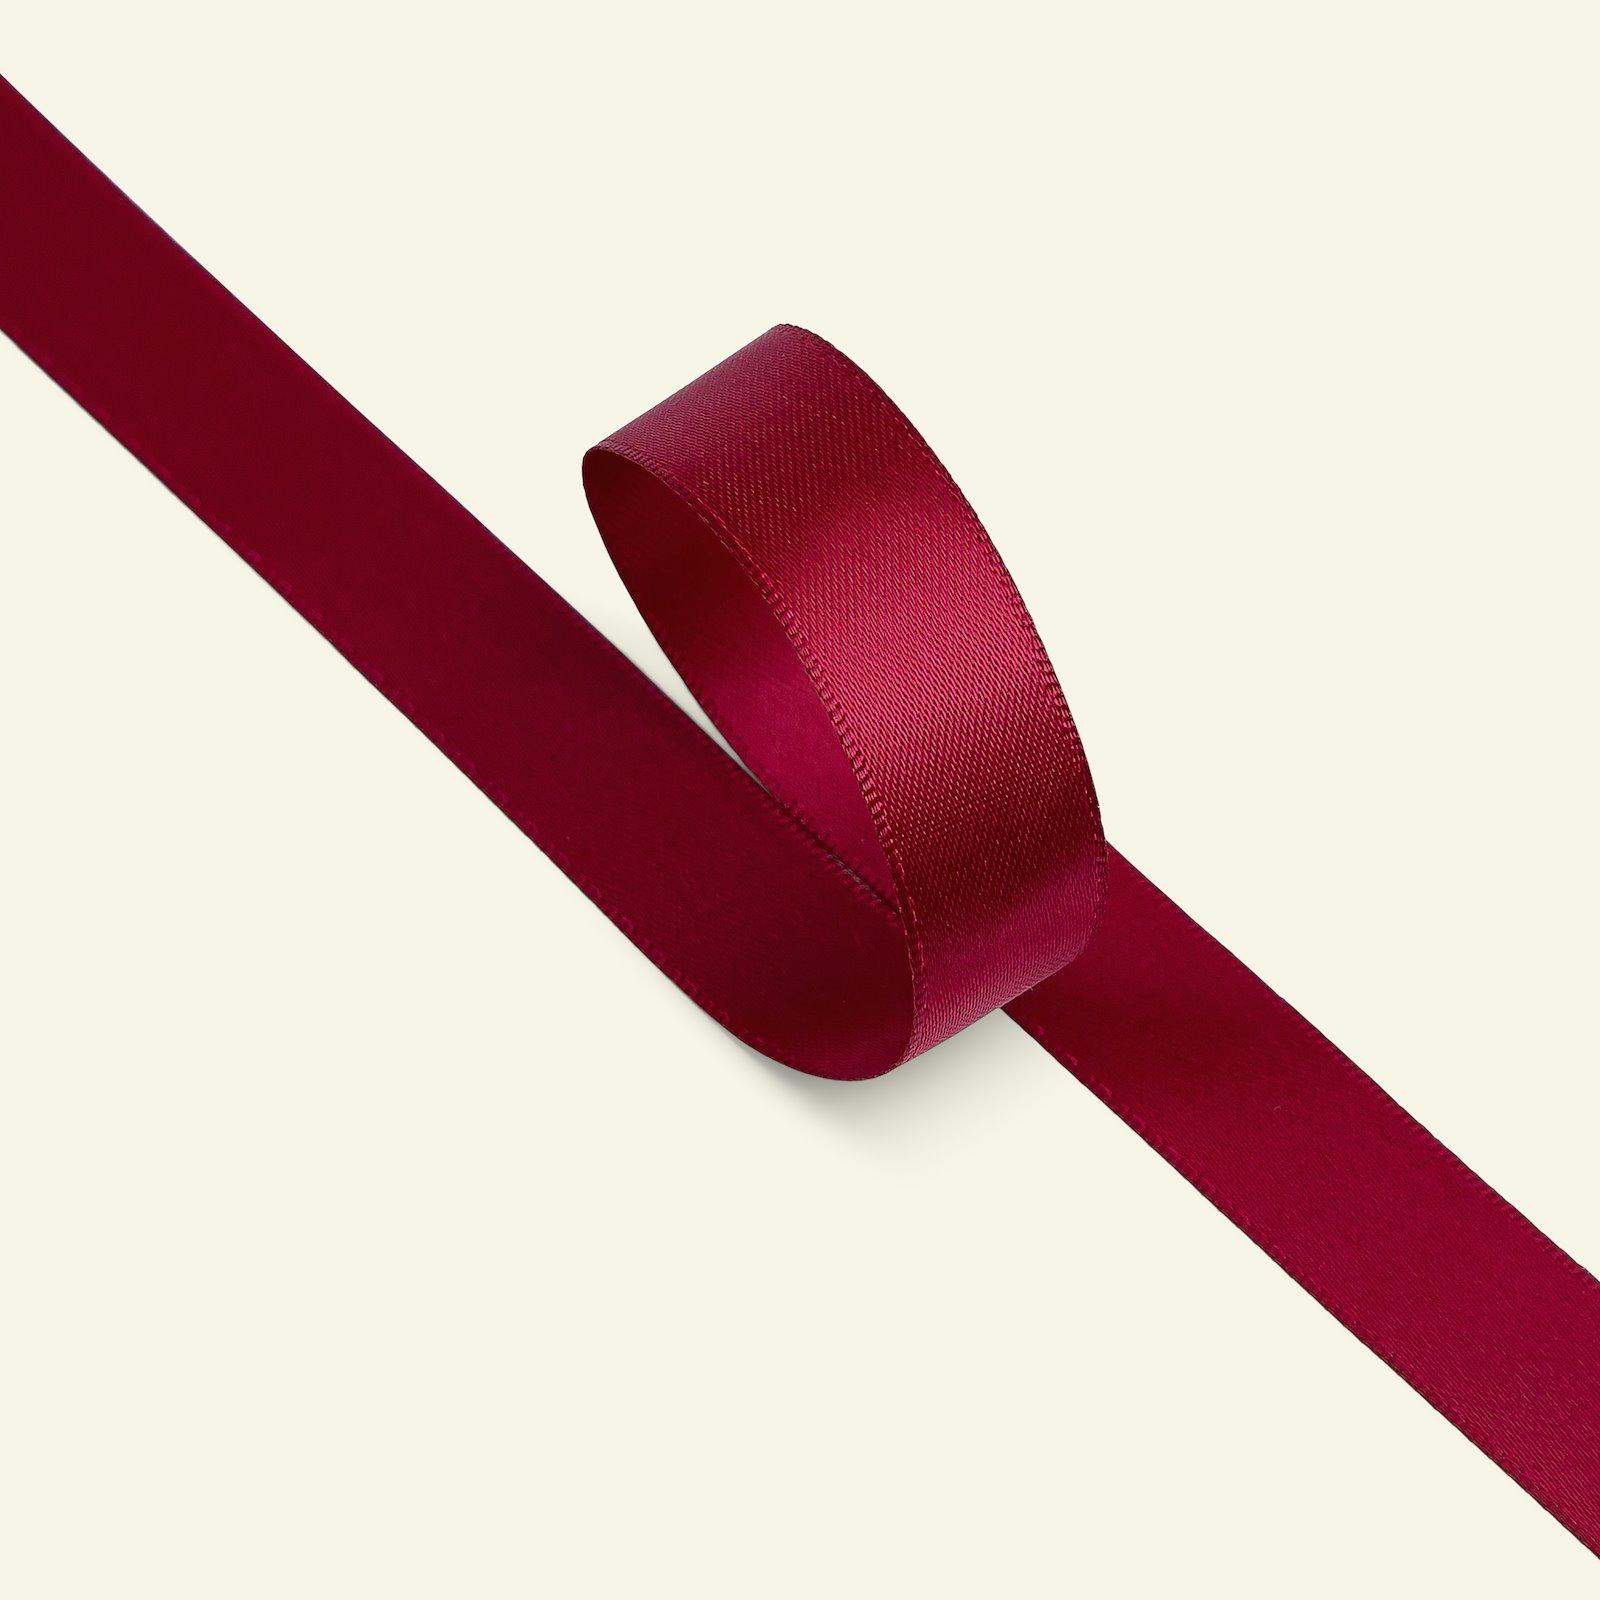 Satin ribbon 15mm bordeaux 5m 27214_pack